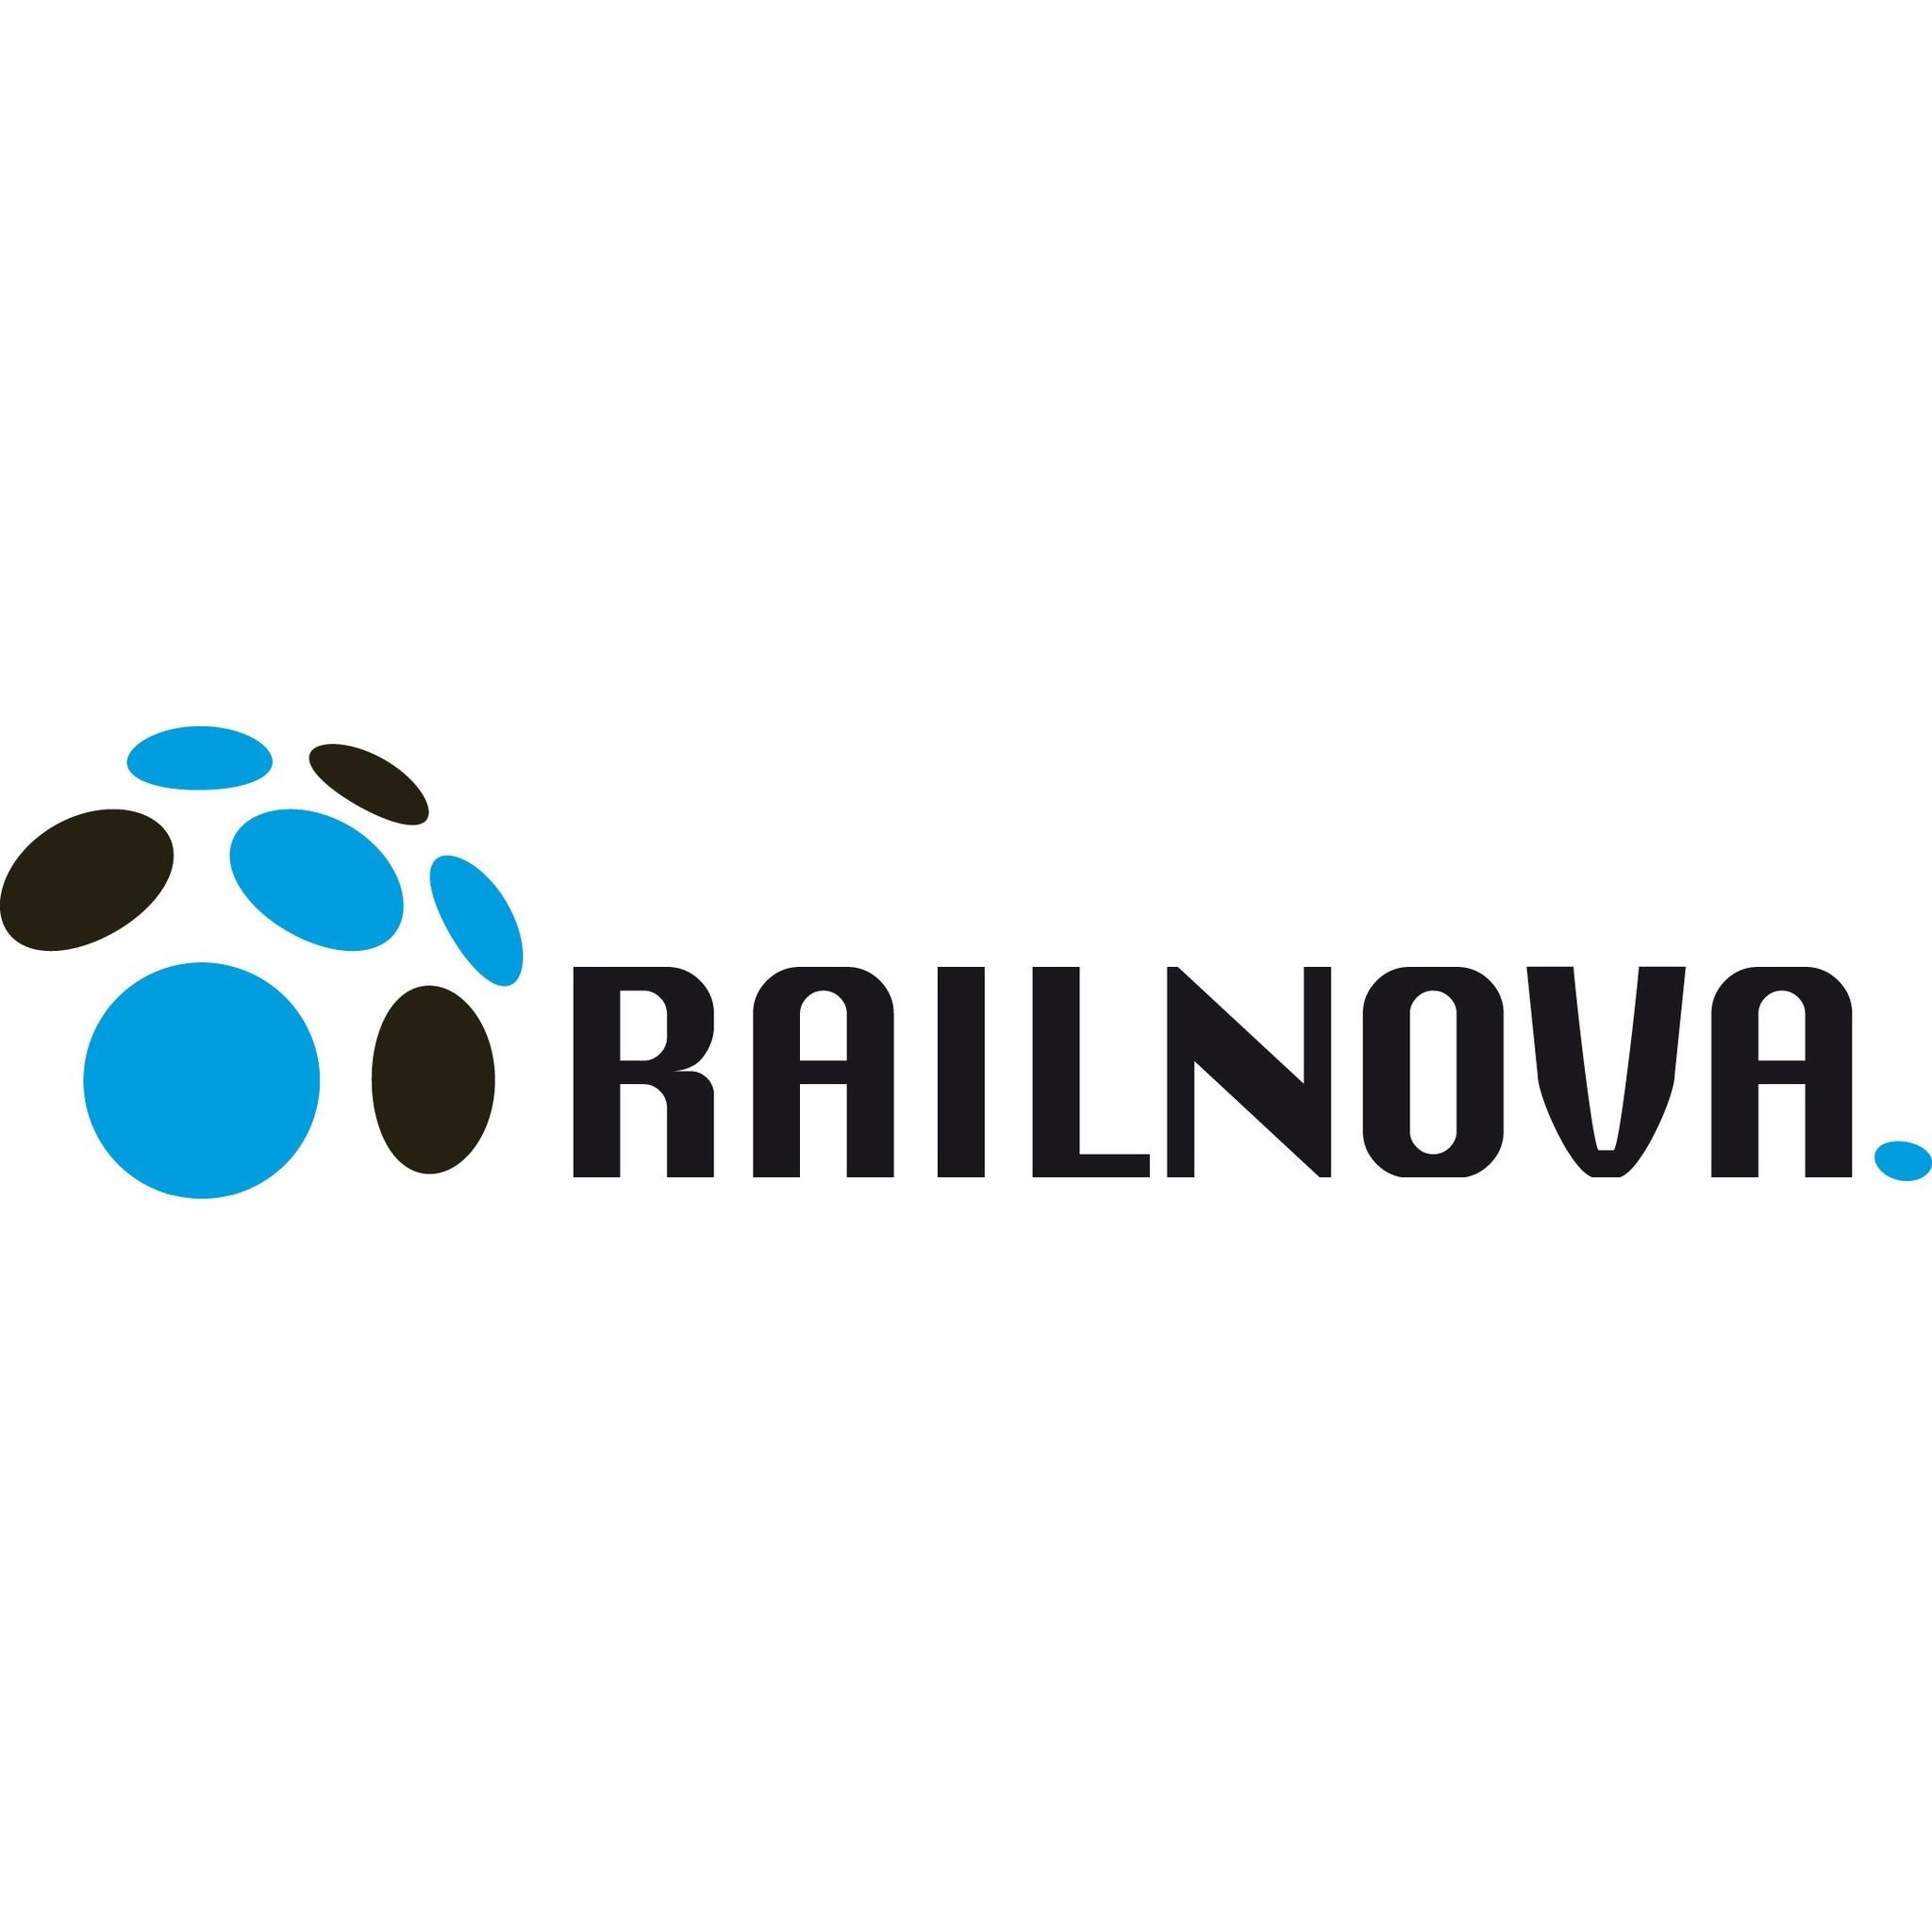 Railnova